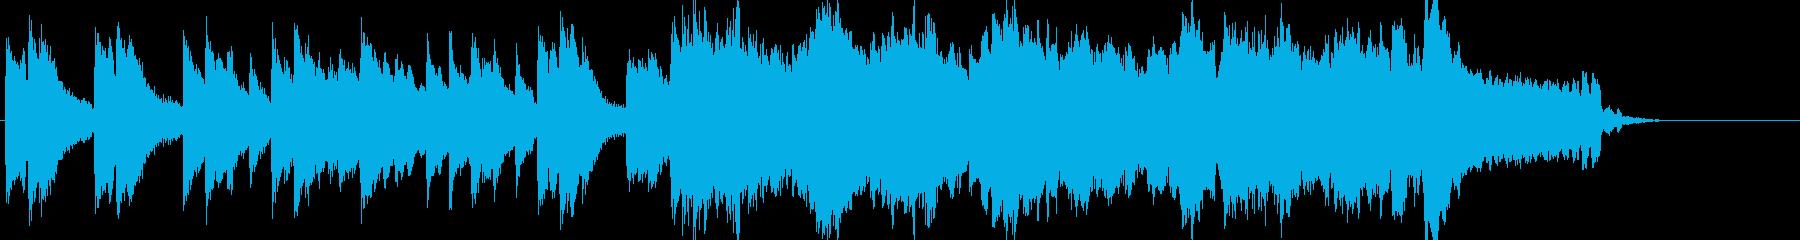 爽やかでゆったりとしたサウンドロゴの再生済みの波形